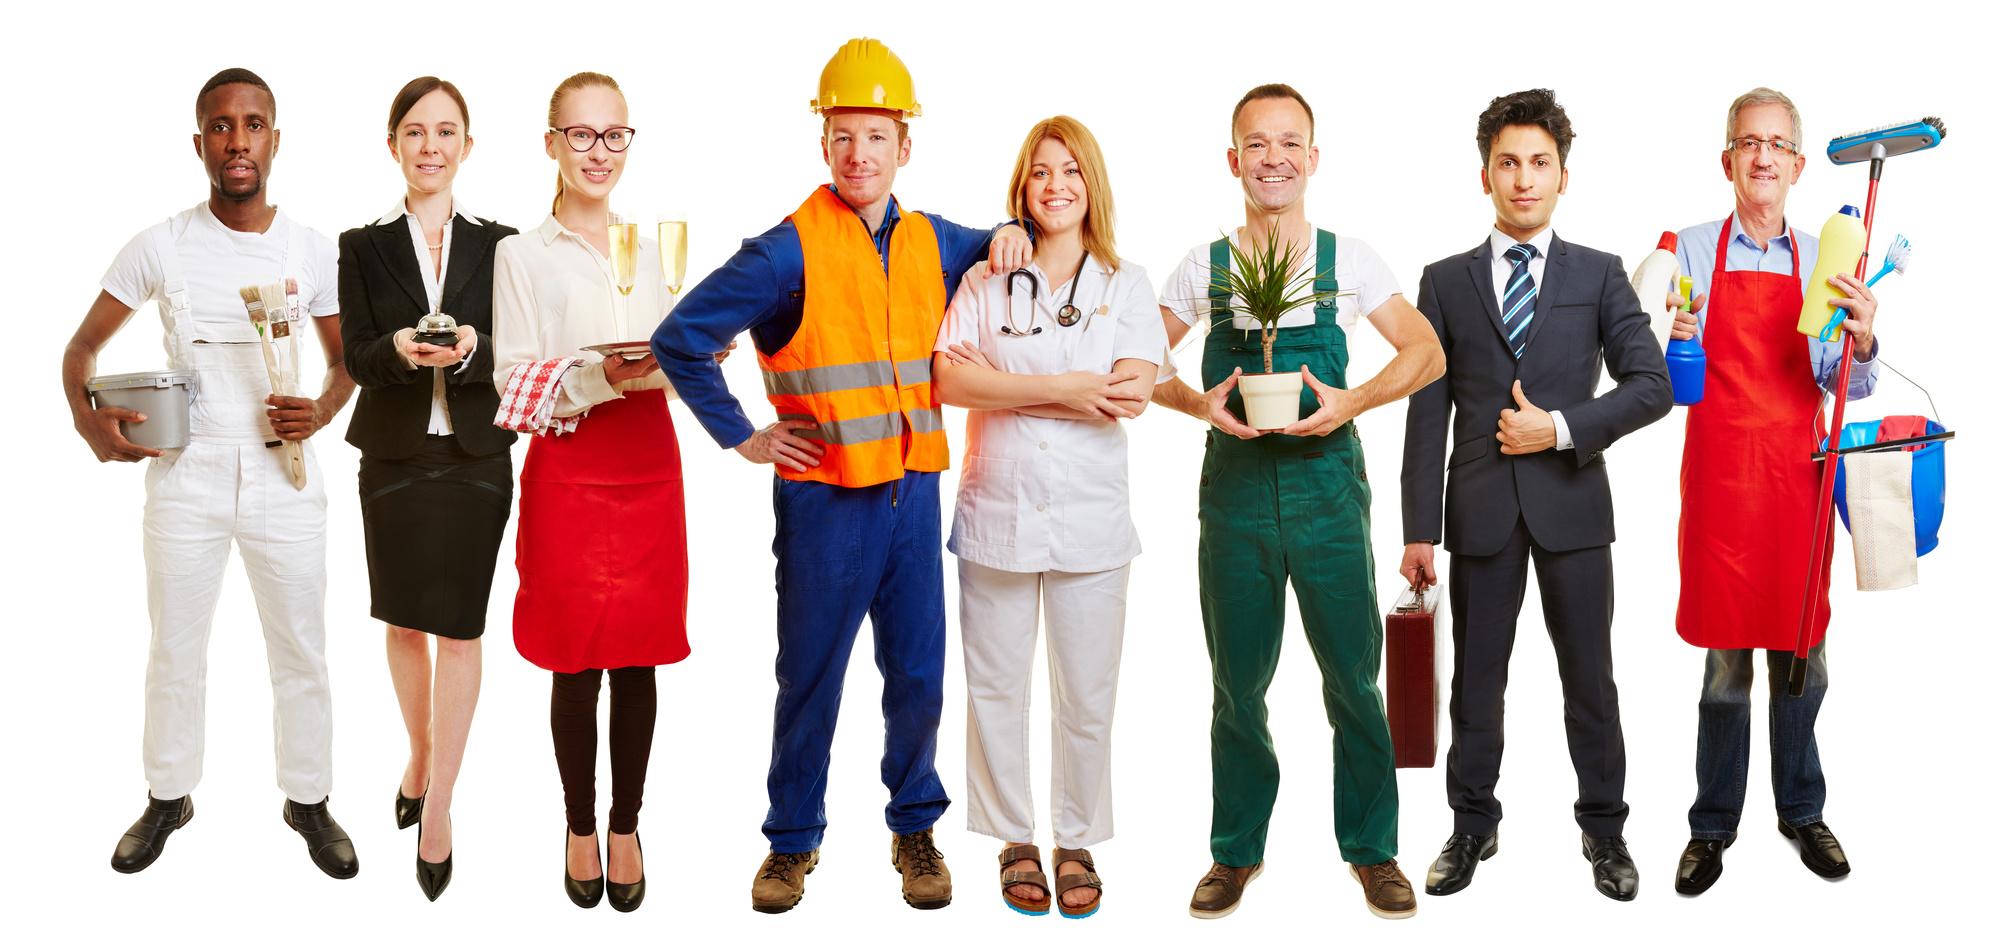 Gruppe mit vielen Berufen als Jobcenter Werbung